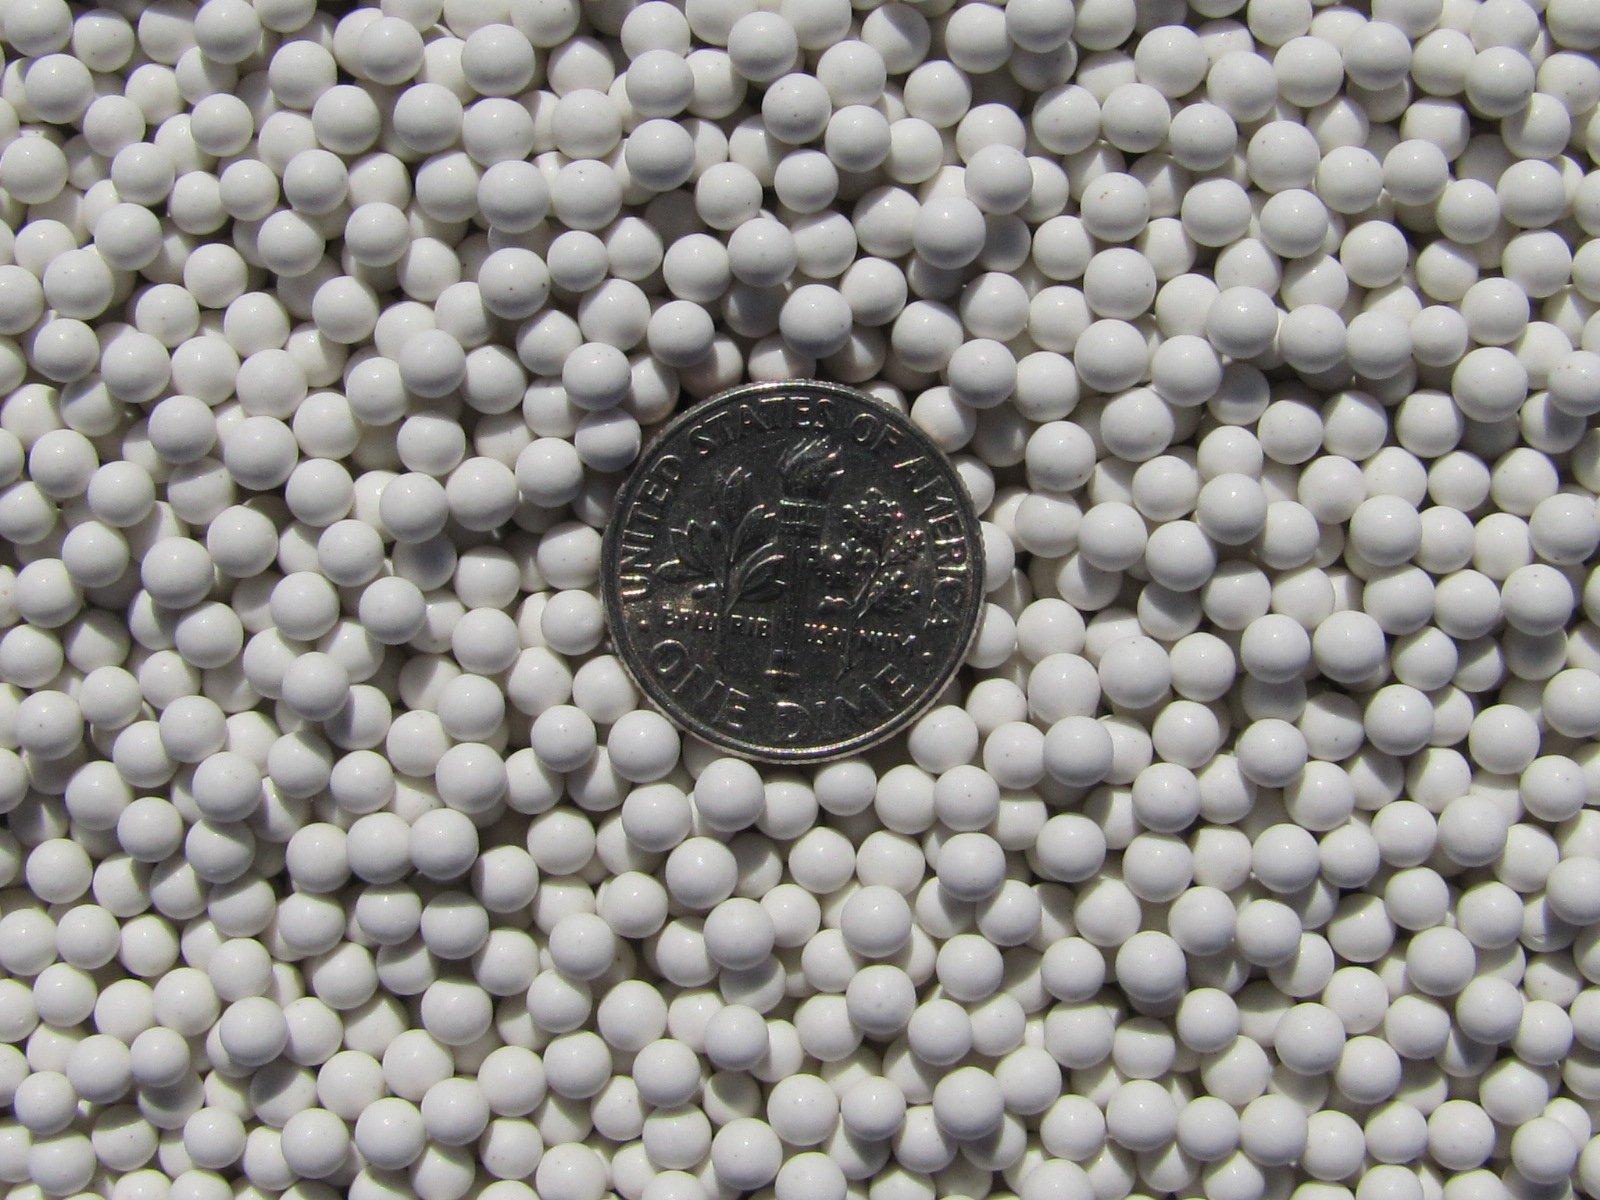 6 Lb. 3 mm Polishing Sphere Ceramic Porcelain Tumbling Media Non-Abrasive